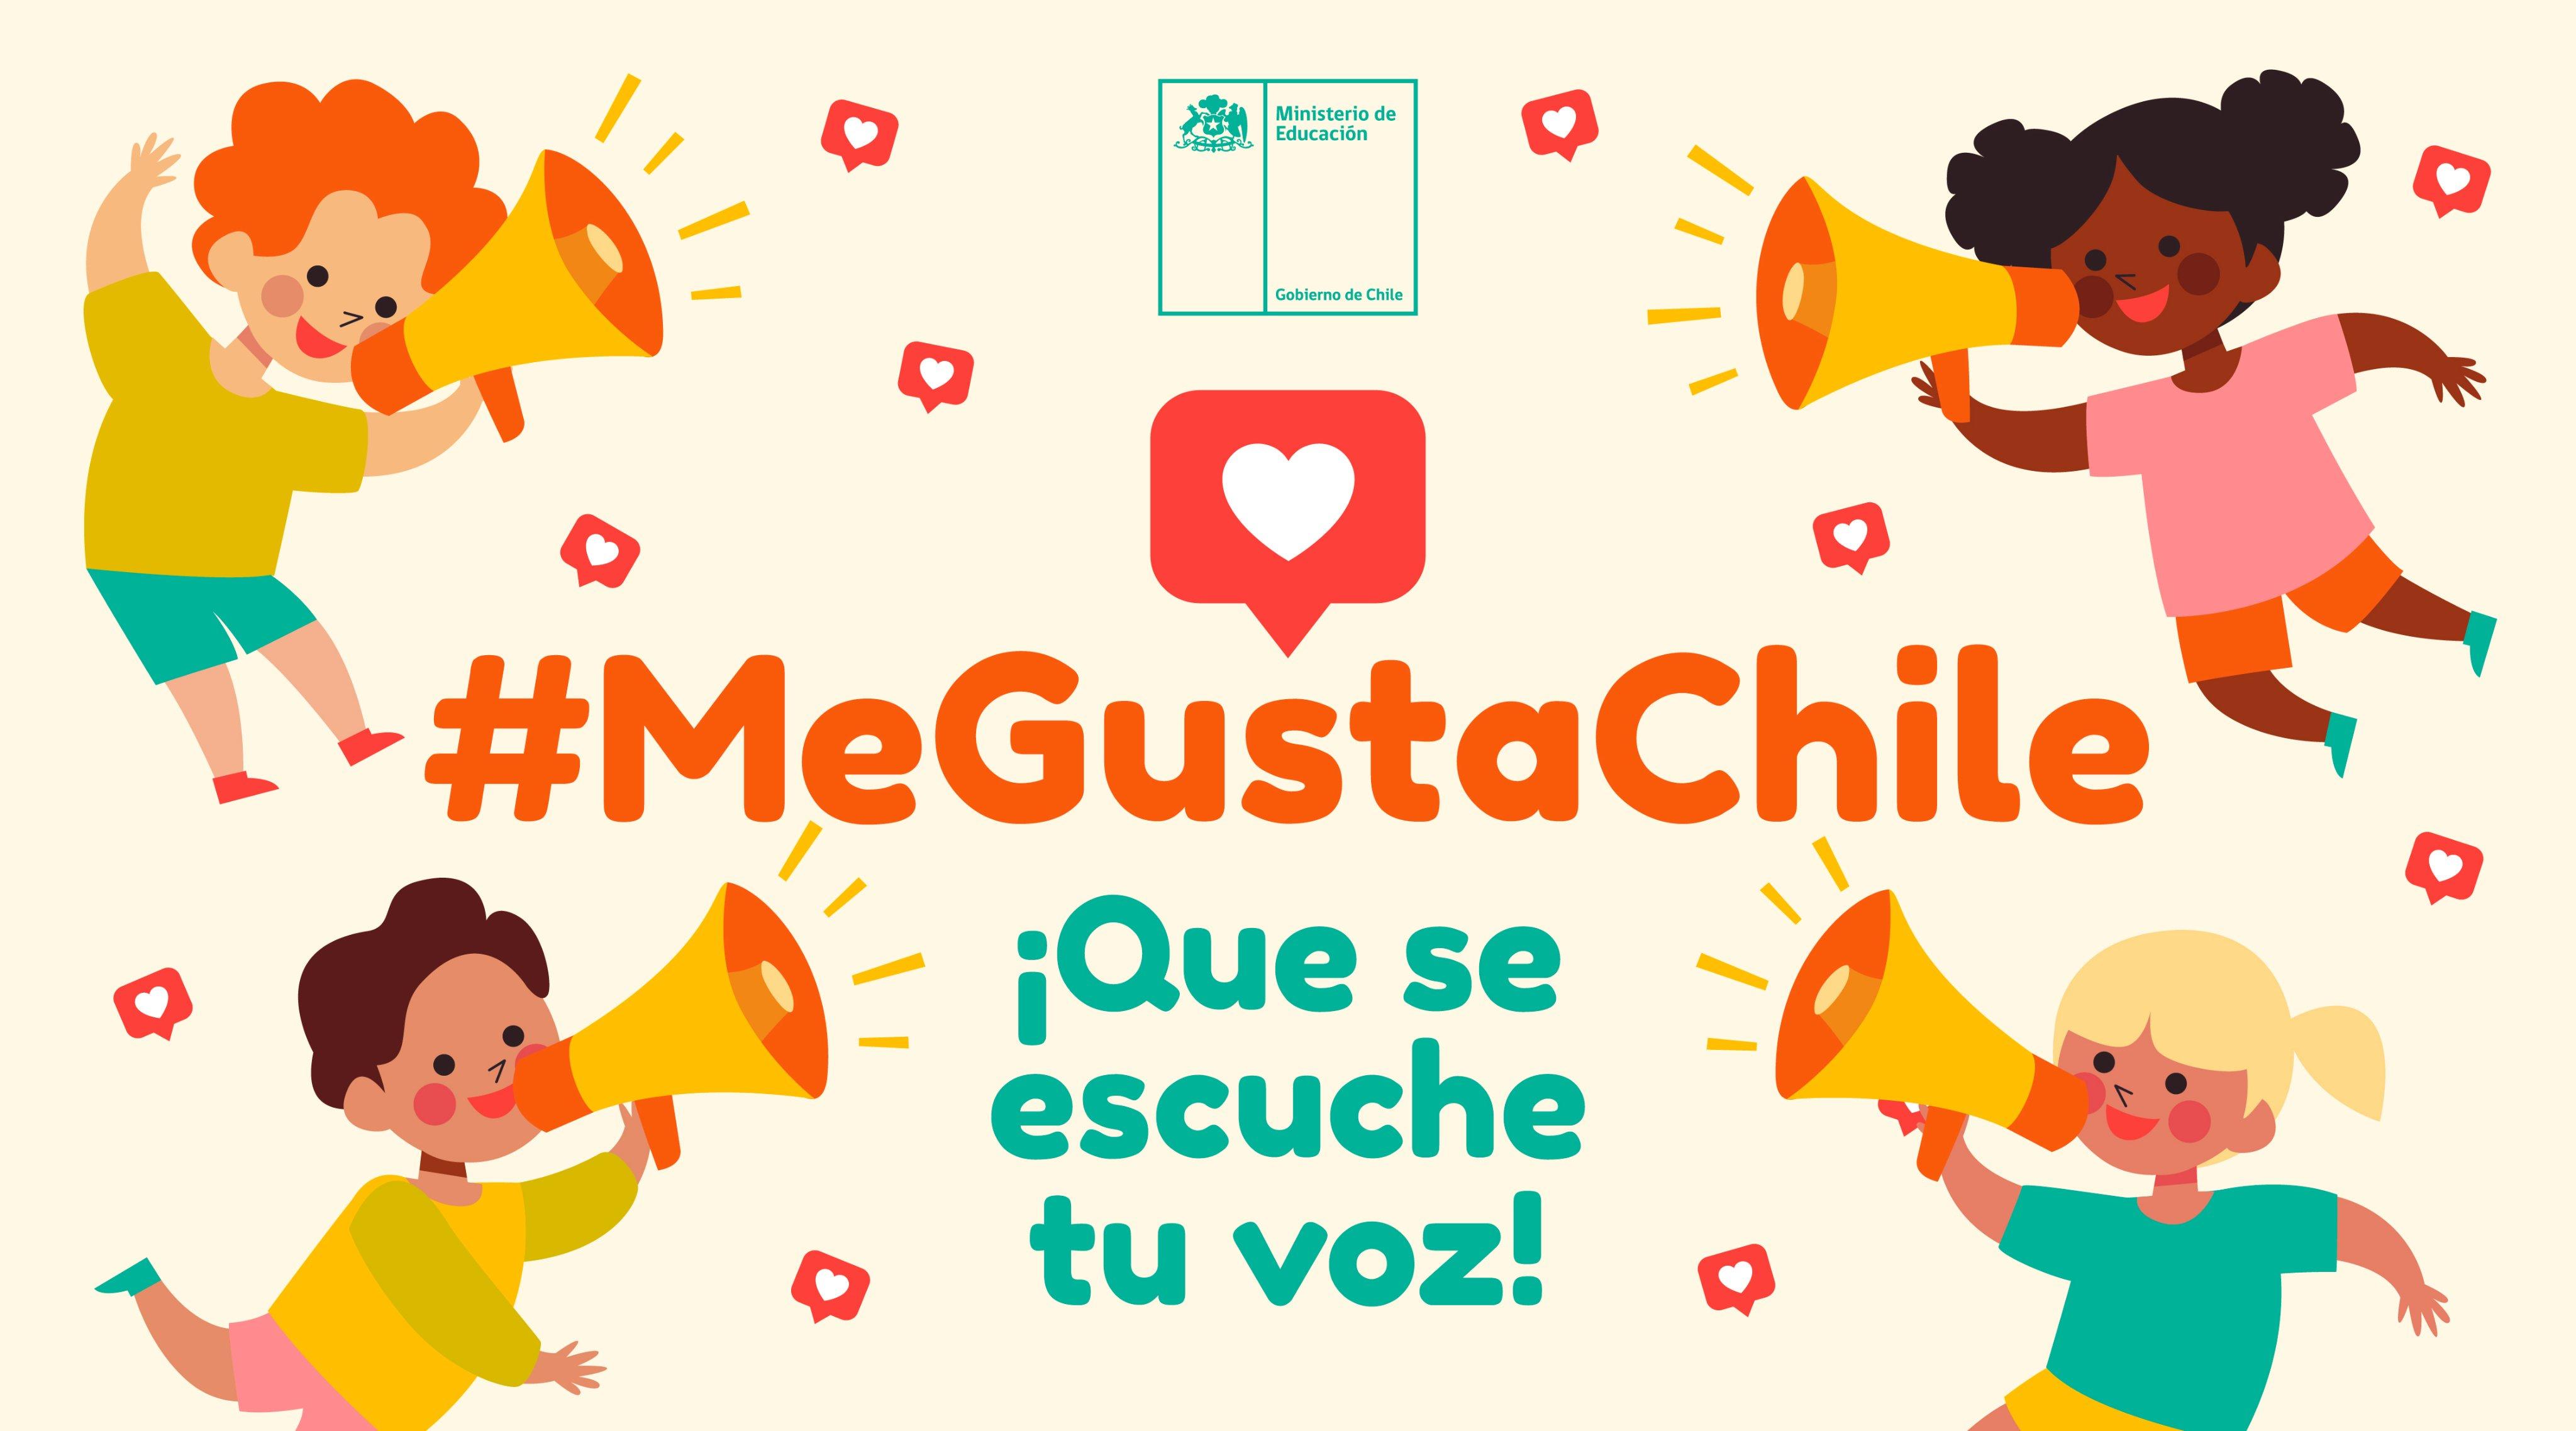 #MeGustaChile